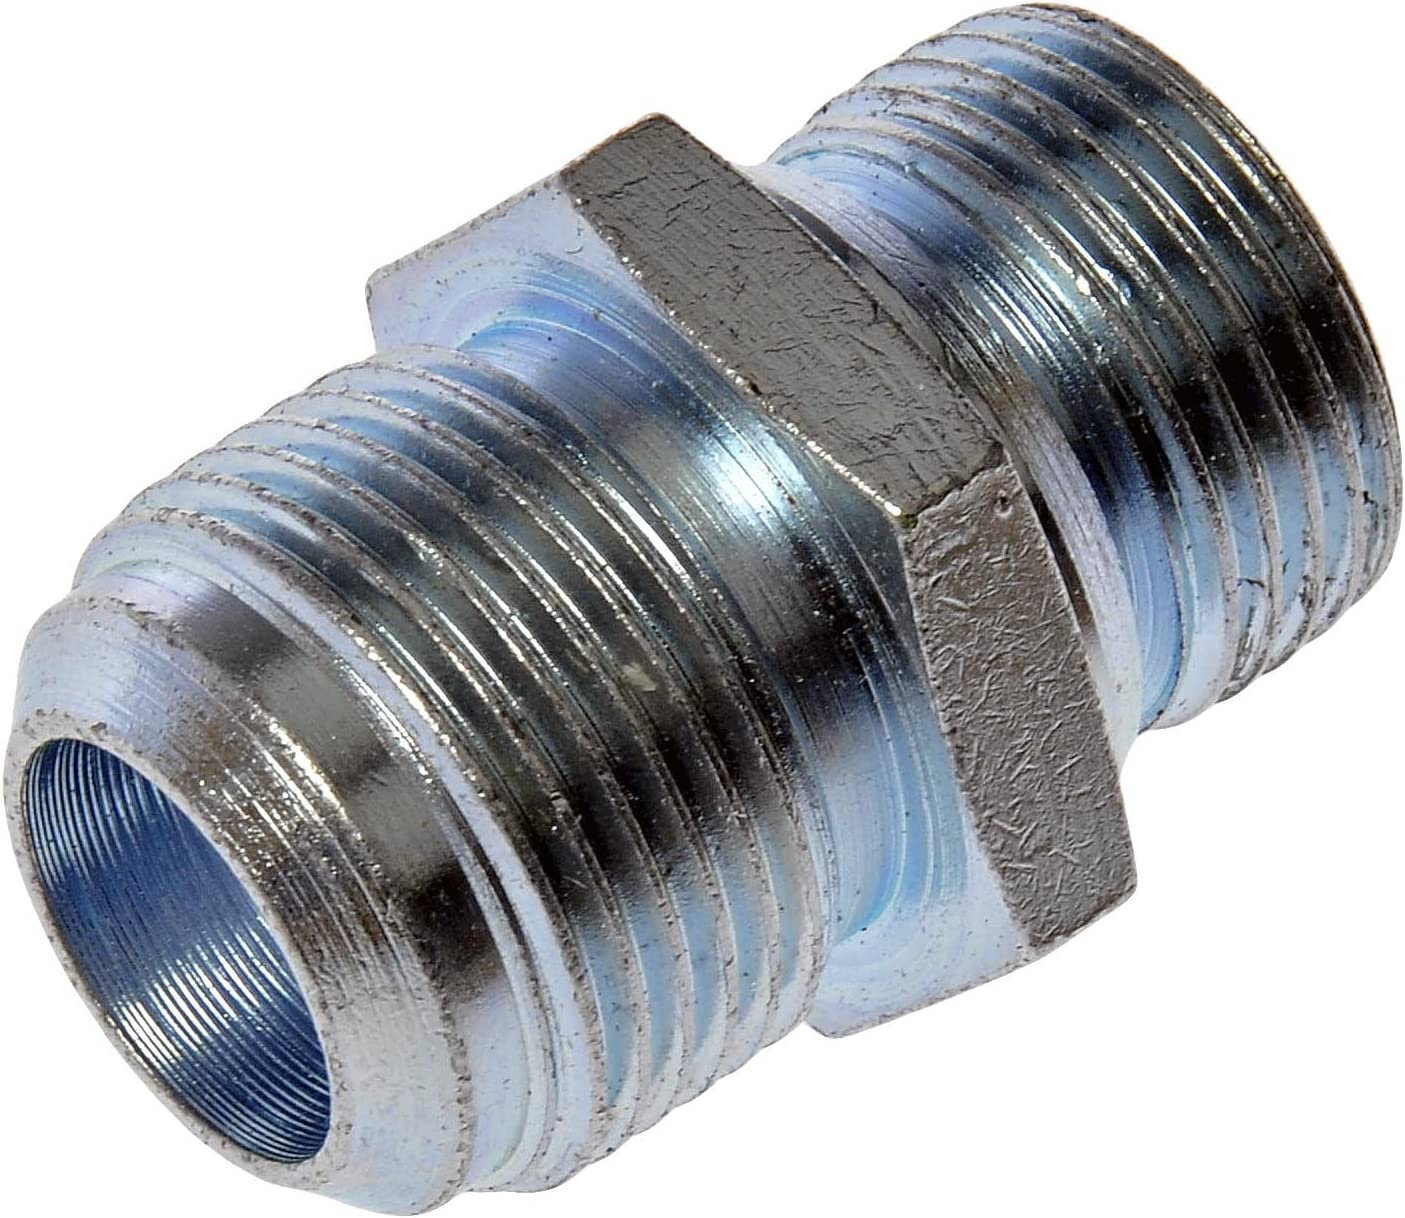 Dorman 917-416 EGR Tube Connector